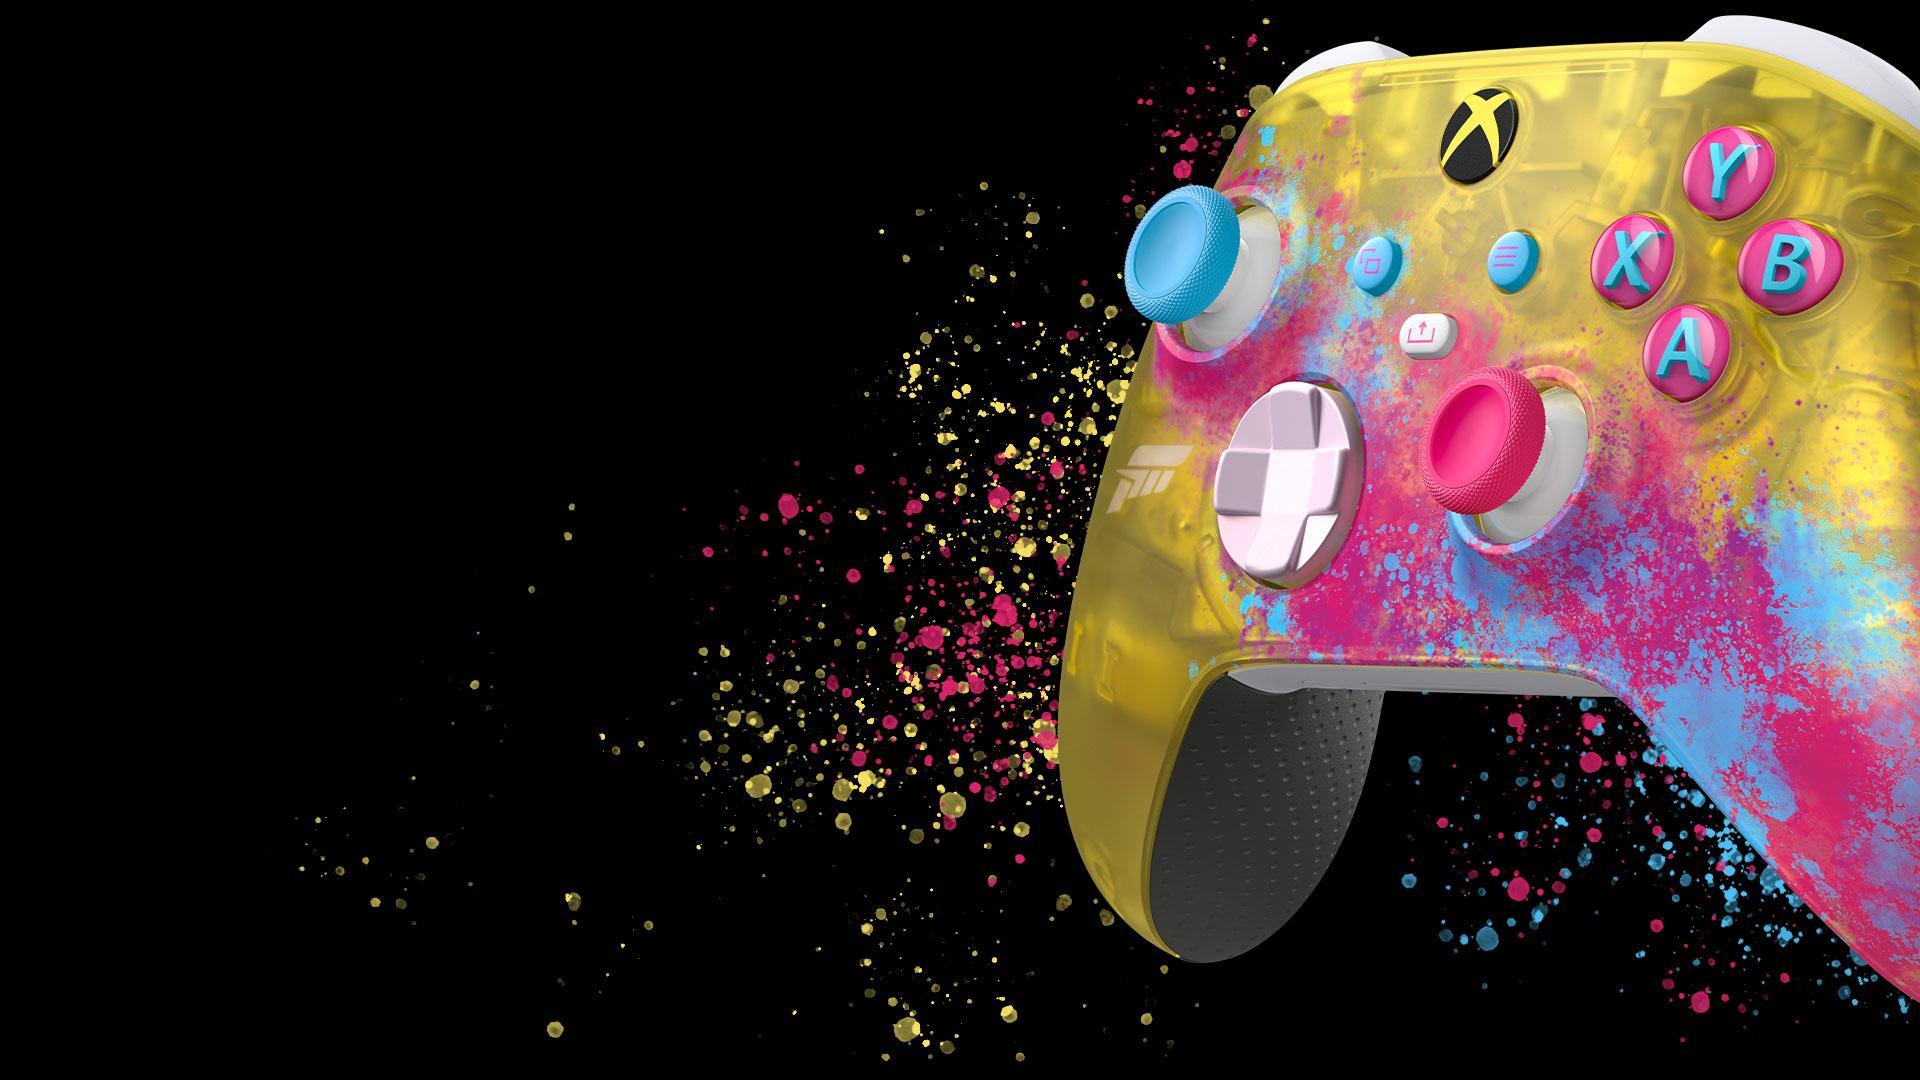 Control personalizado de Forza Horizon 5 con salpicaduras de color amarillo, rosa y azul